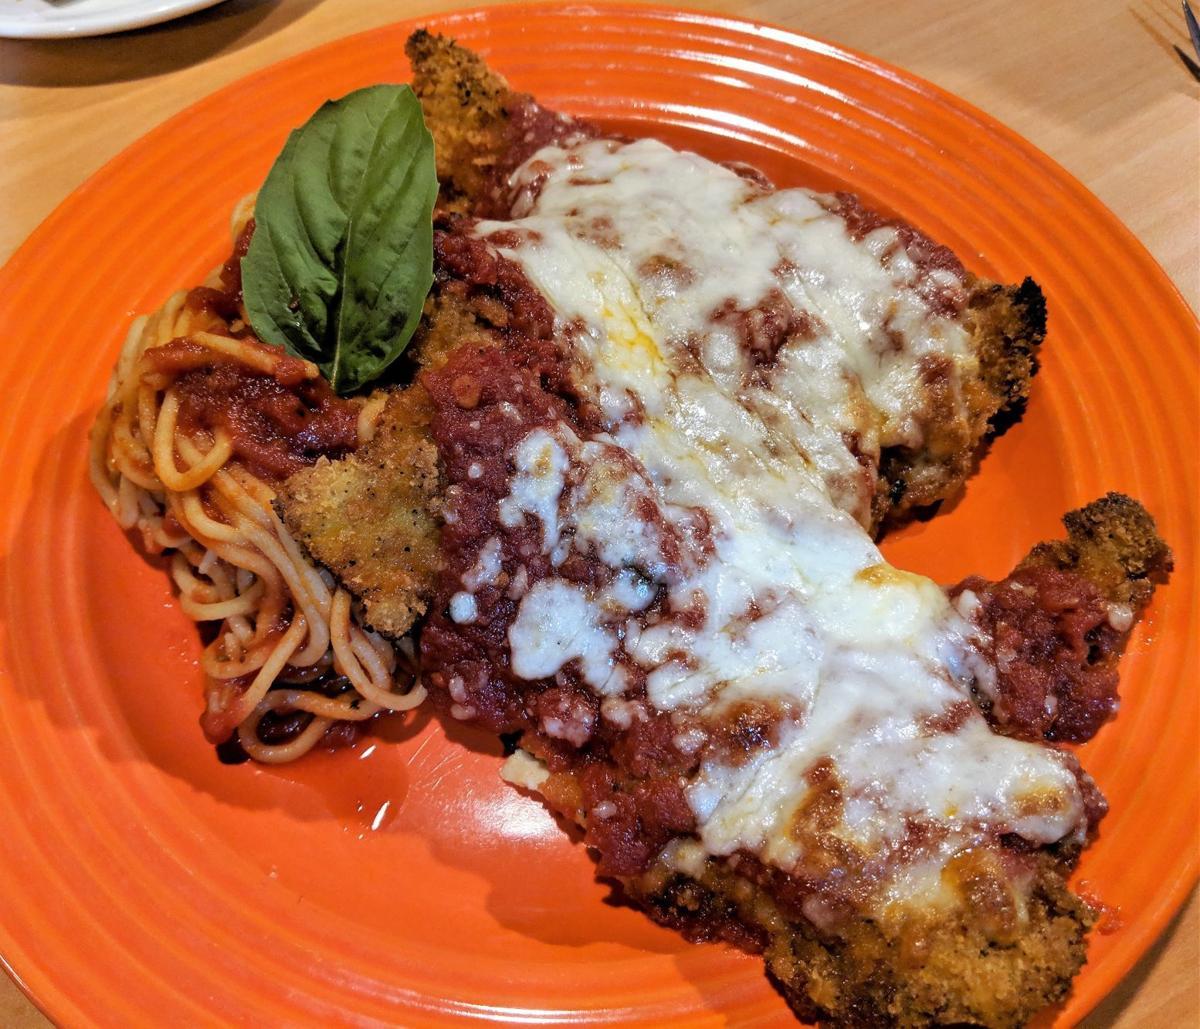 Zanelli's chicken parmesan